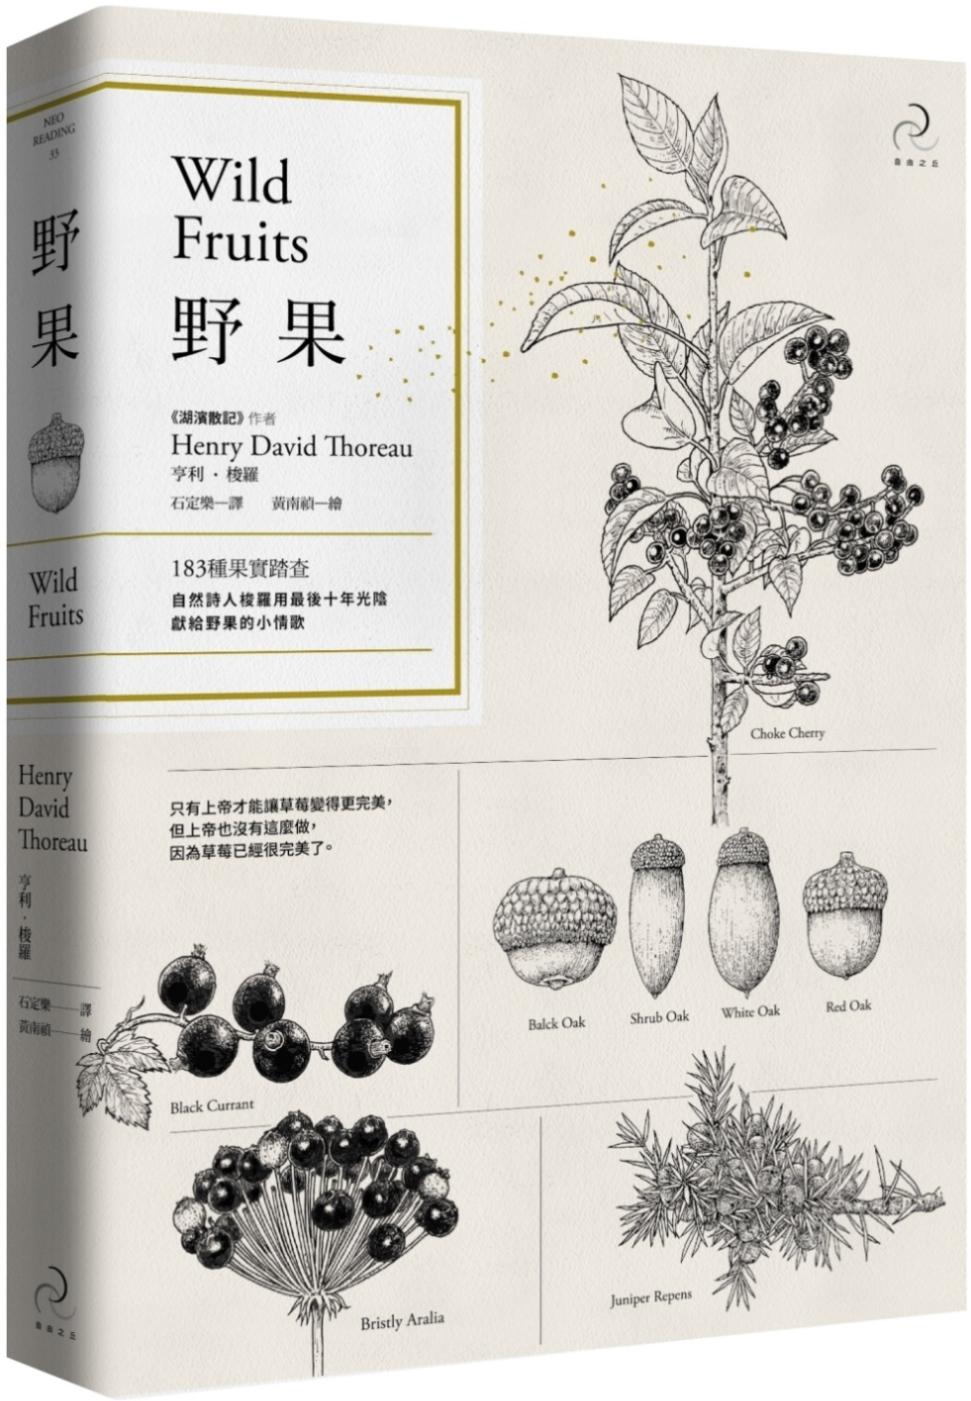 野果:183種果實踏查,自然詩人梭羅用最後十年光陰,獻給野果的小情歌(二版)